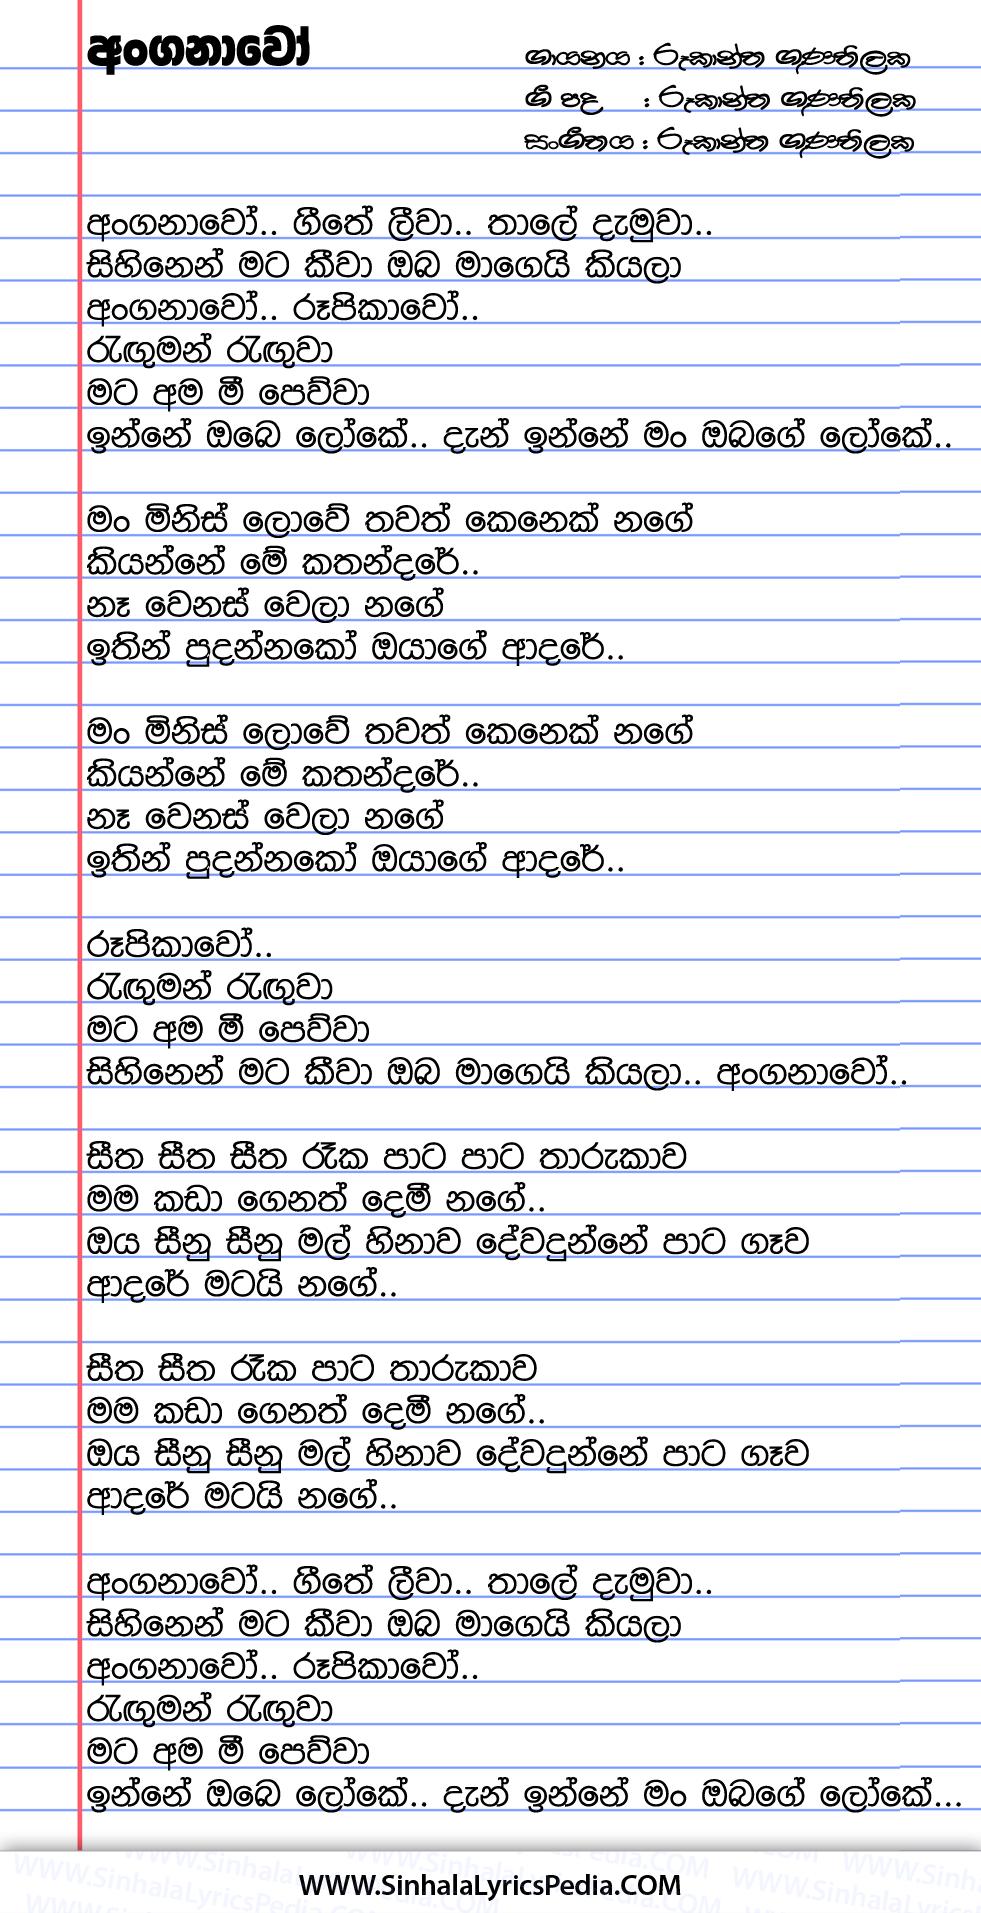 Anganawo Song Lyrics